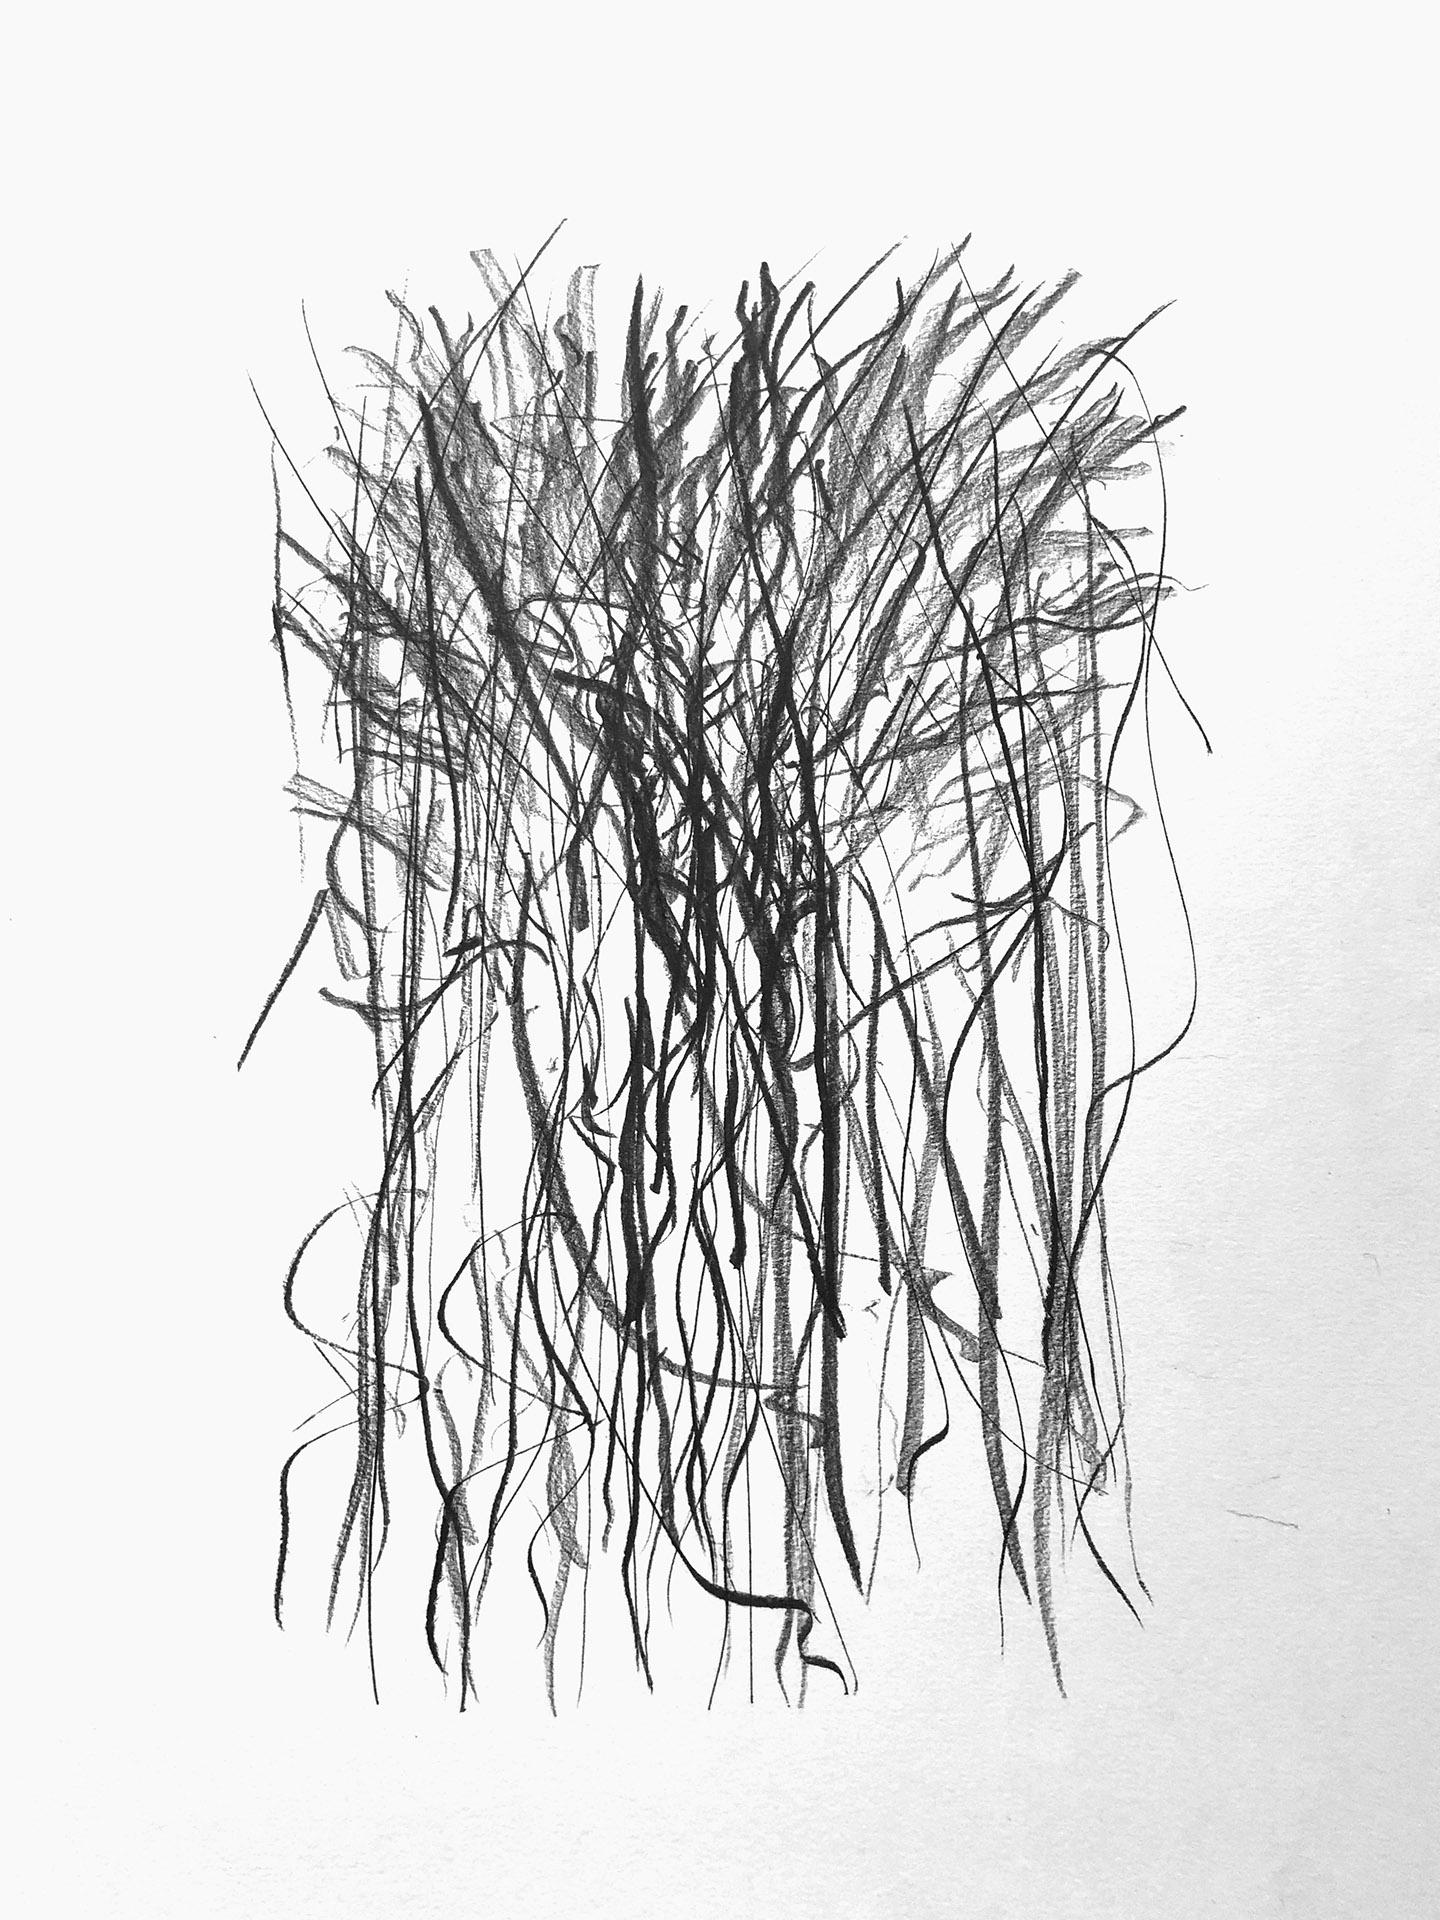 Graphit auf Papier | 2018 | 297 mm x 420 mm